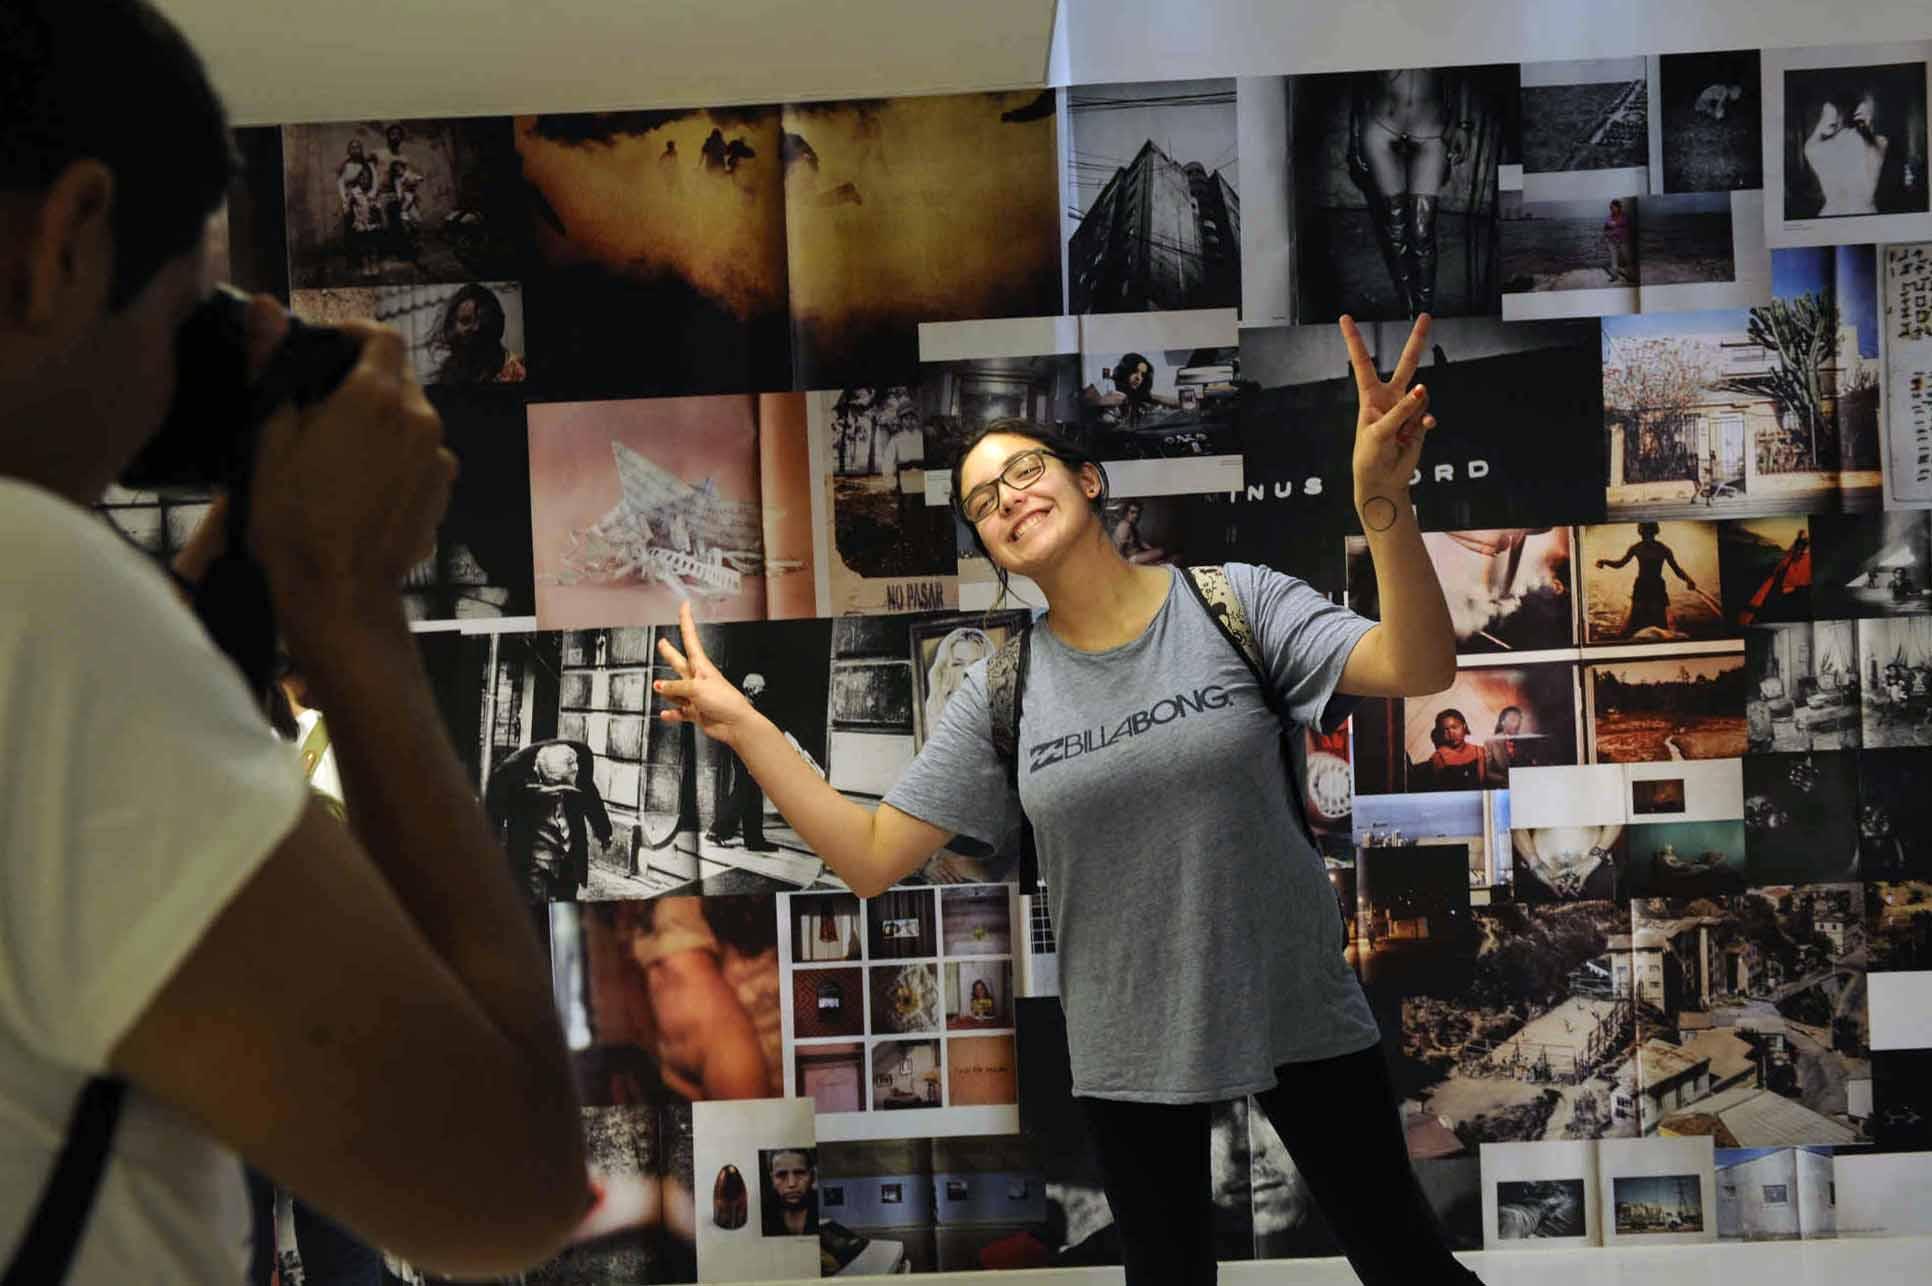 Estudiantes visitan exposición de Ediciones FIFV 2016. ©Victor Ruiz Caballero